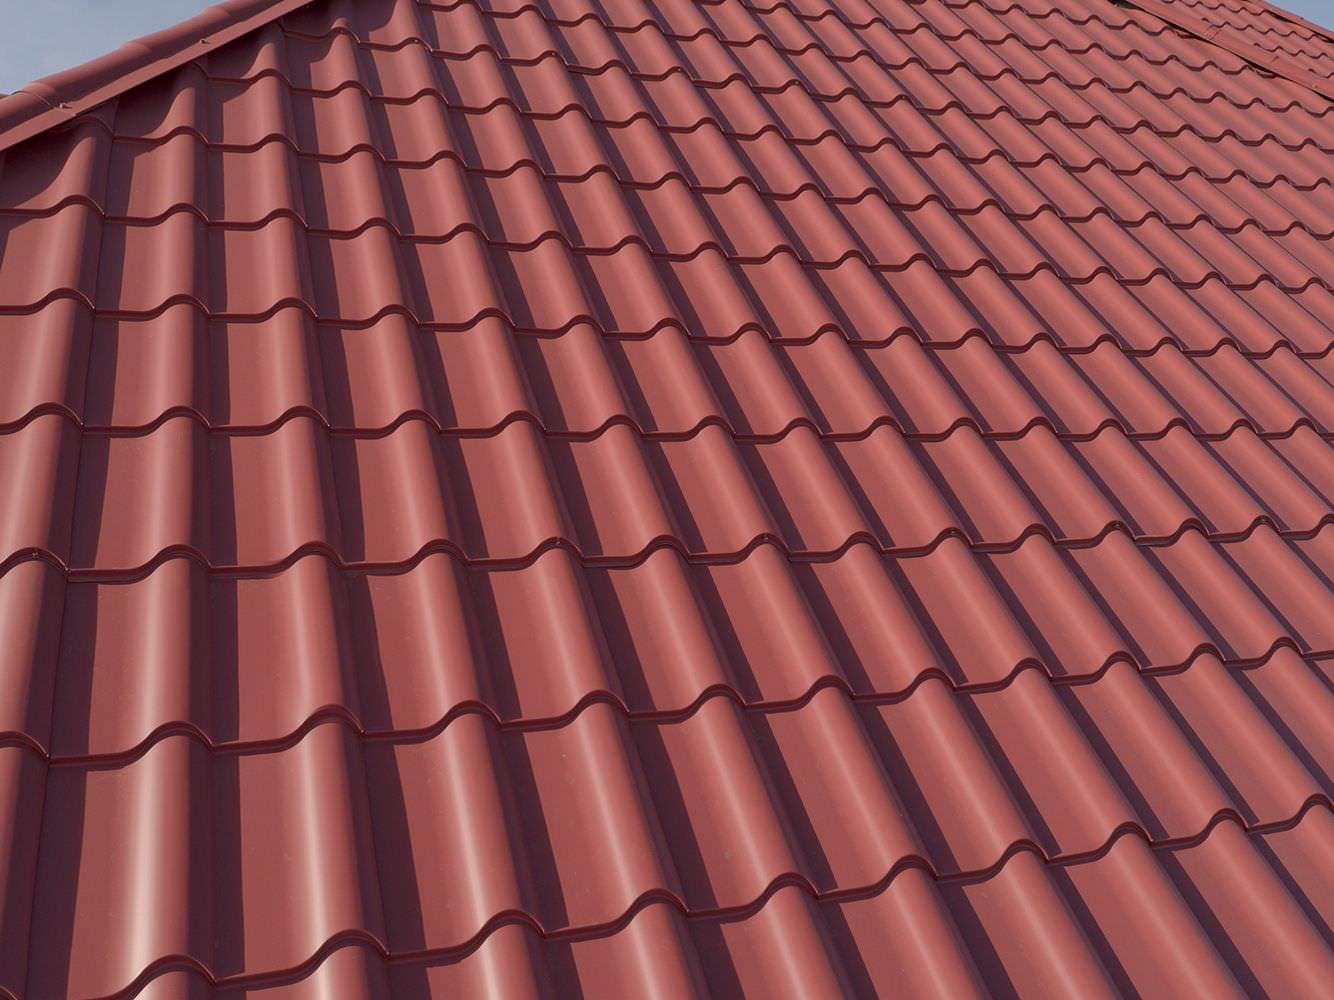 Tile Hawaii Metal Roofing